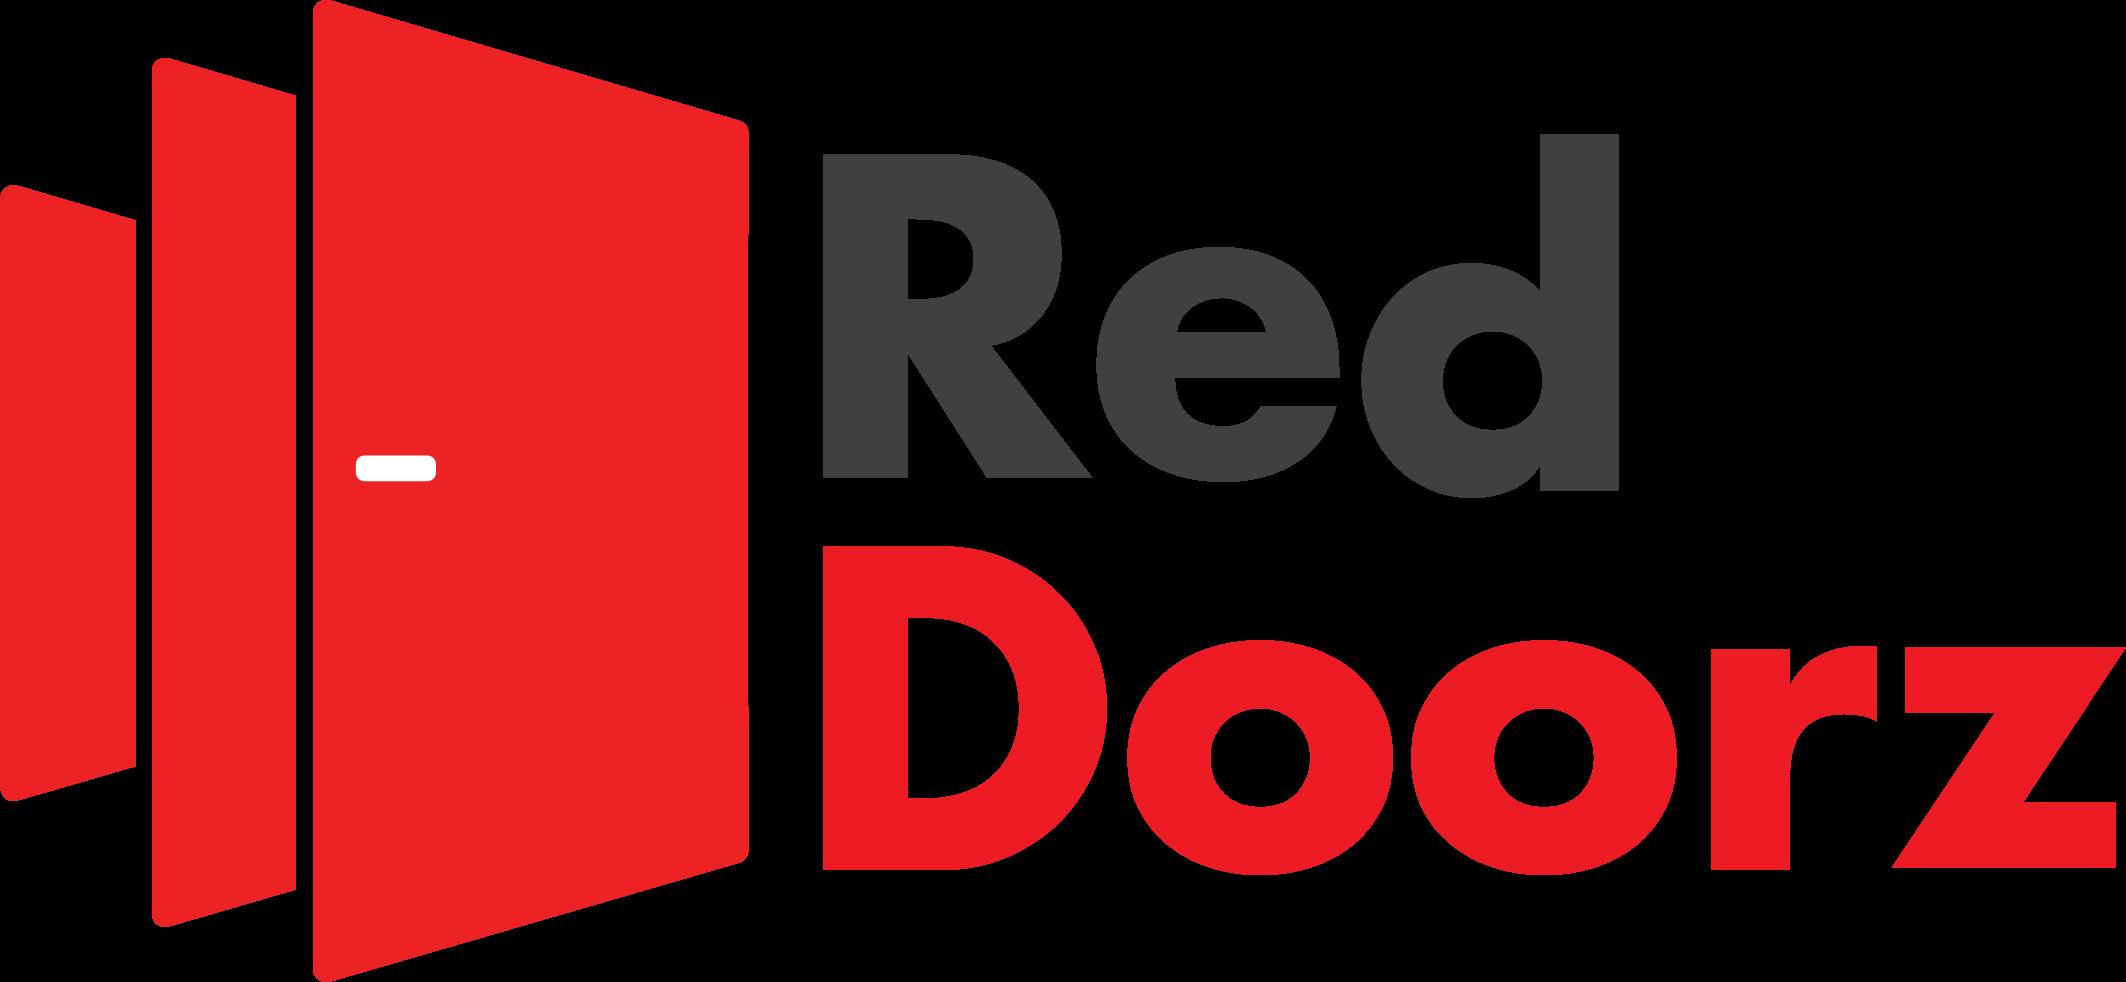 RedDoorz Promotions & Discounts